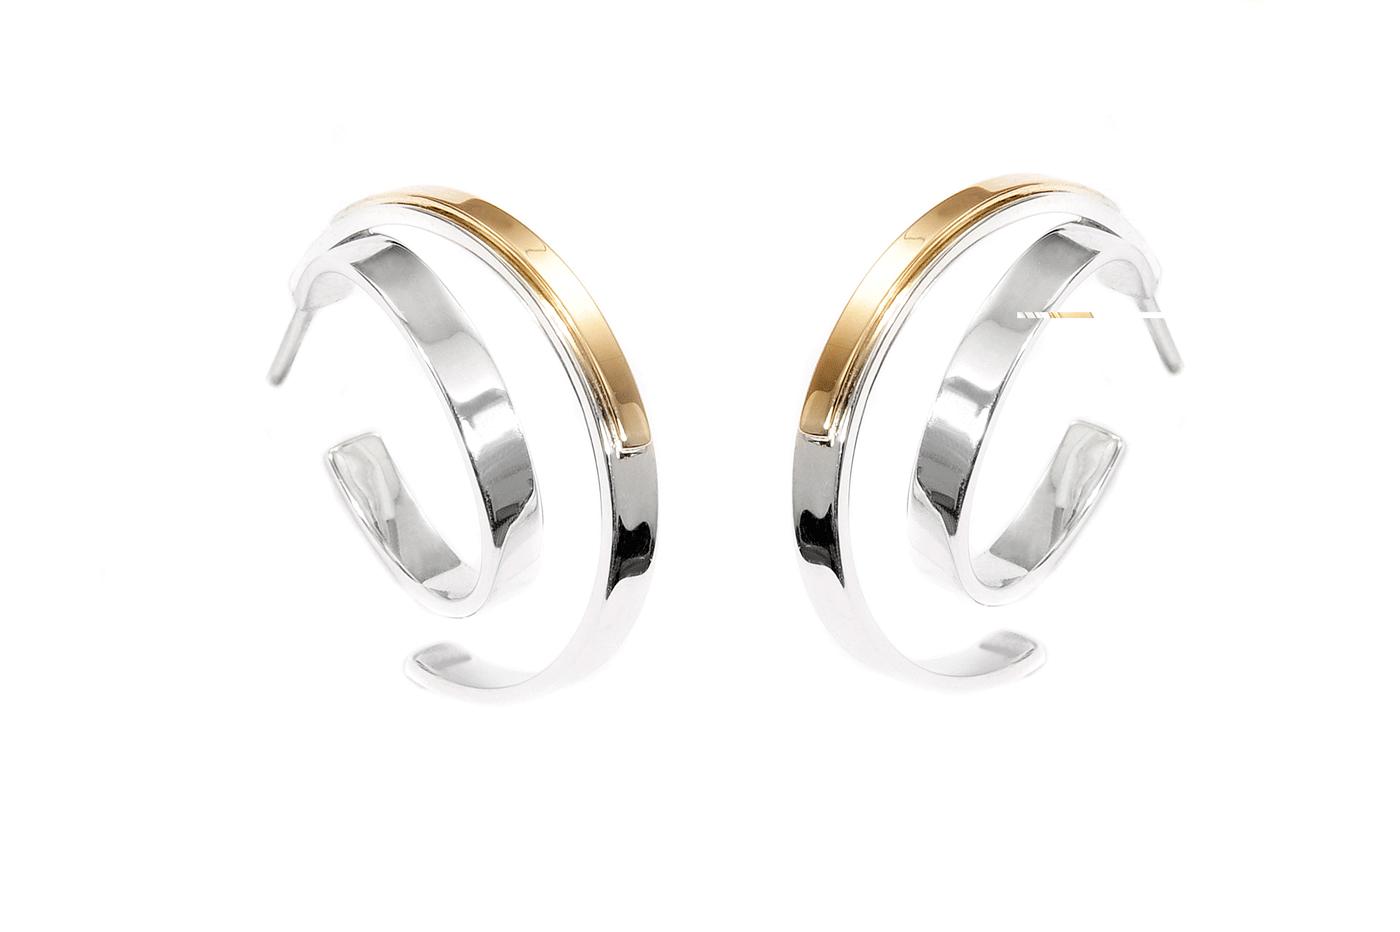 Adeline Cacheux Jewelry Design Créoles Argent Or 18 carats